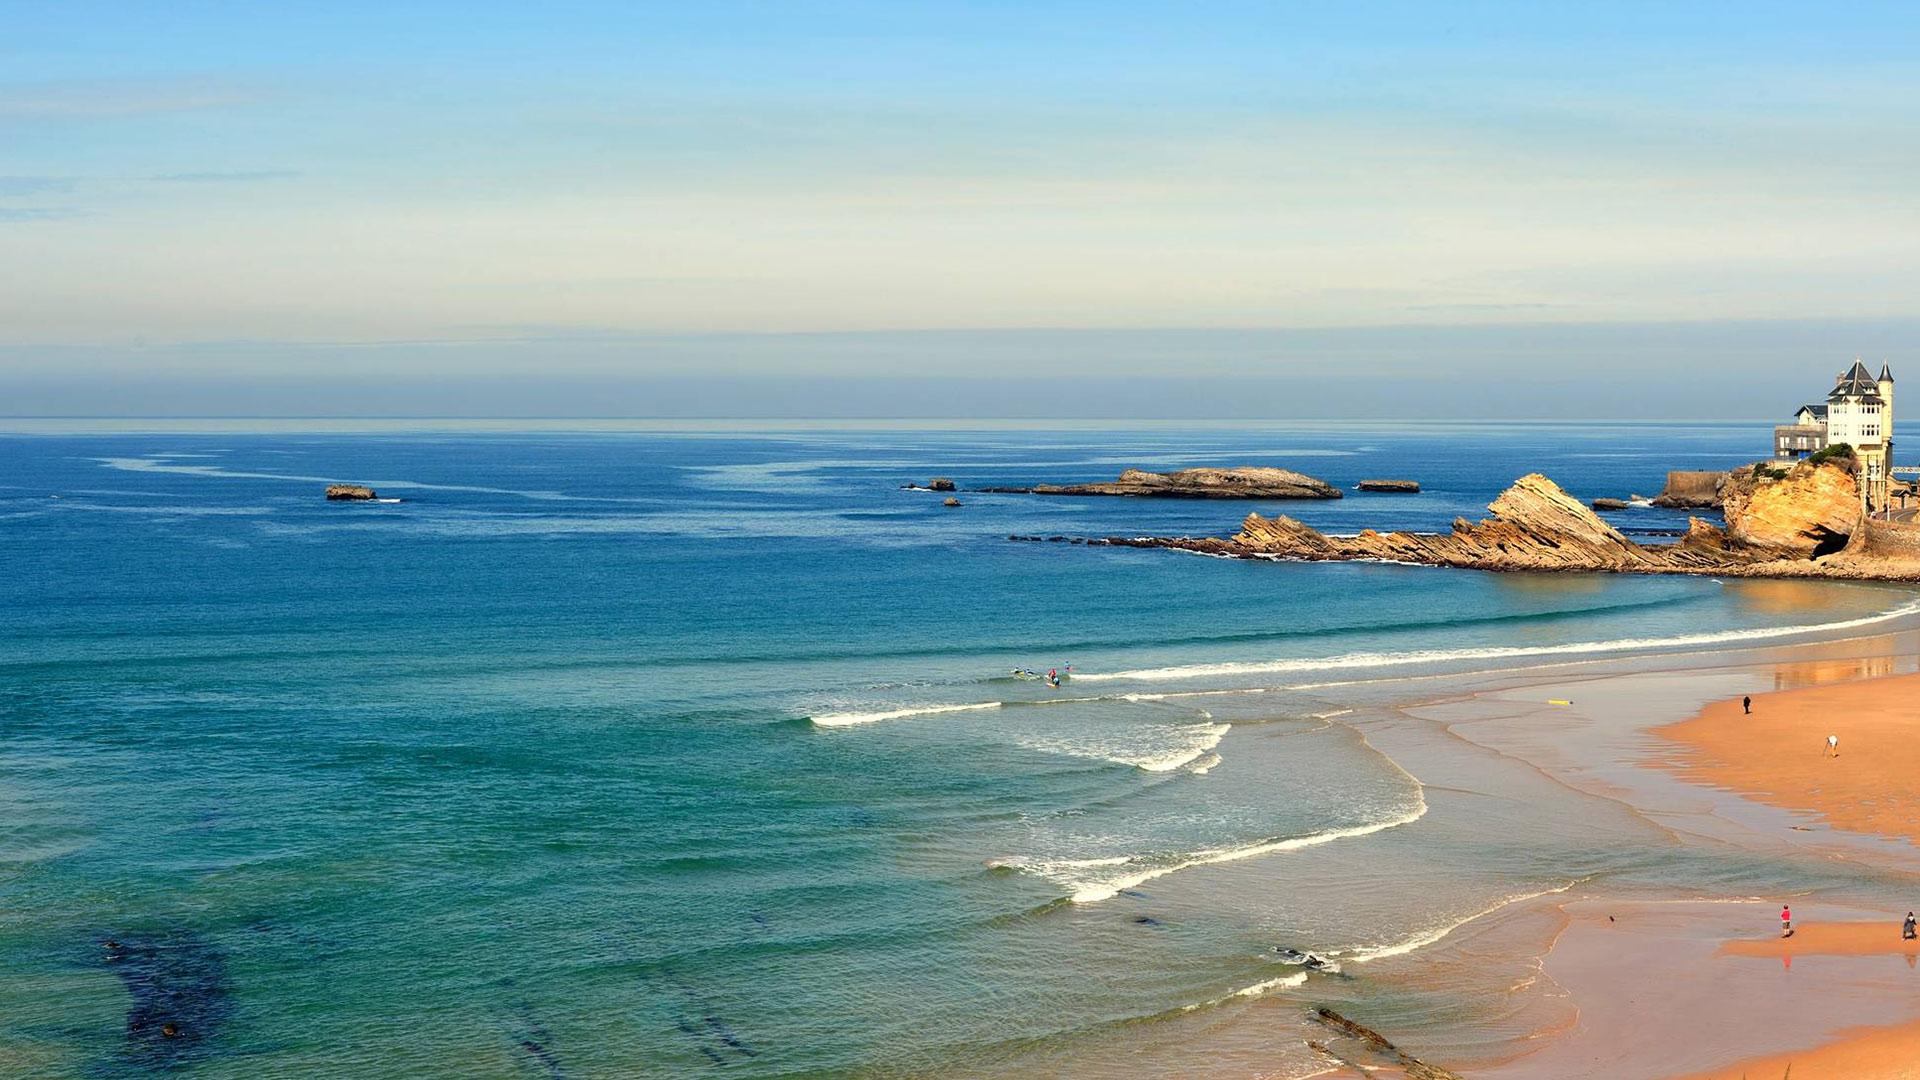 Praia de Biarritz: La Côte des Basques